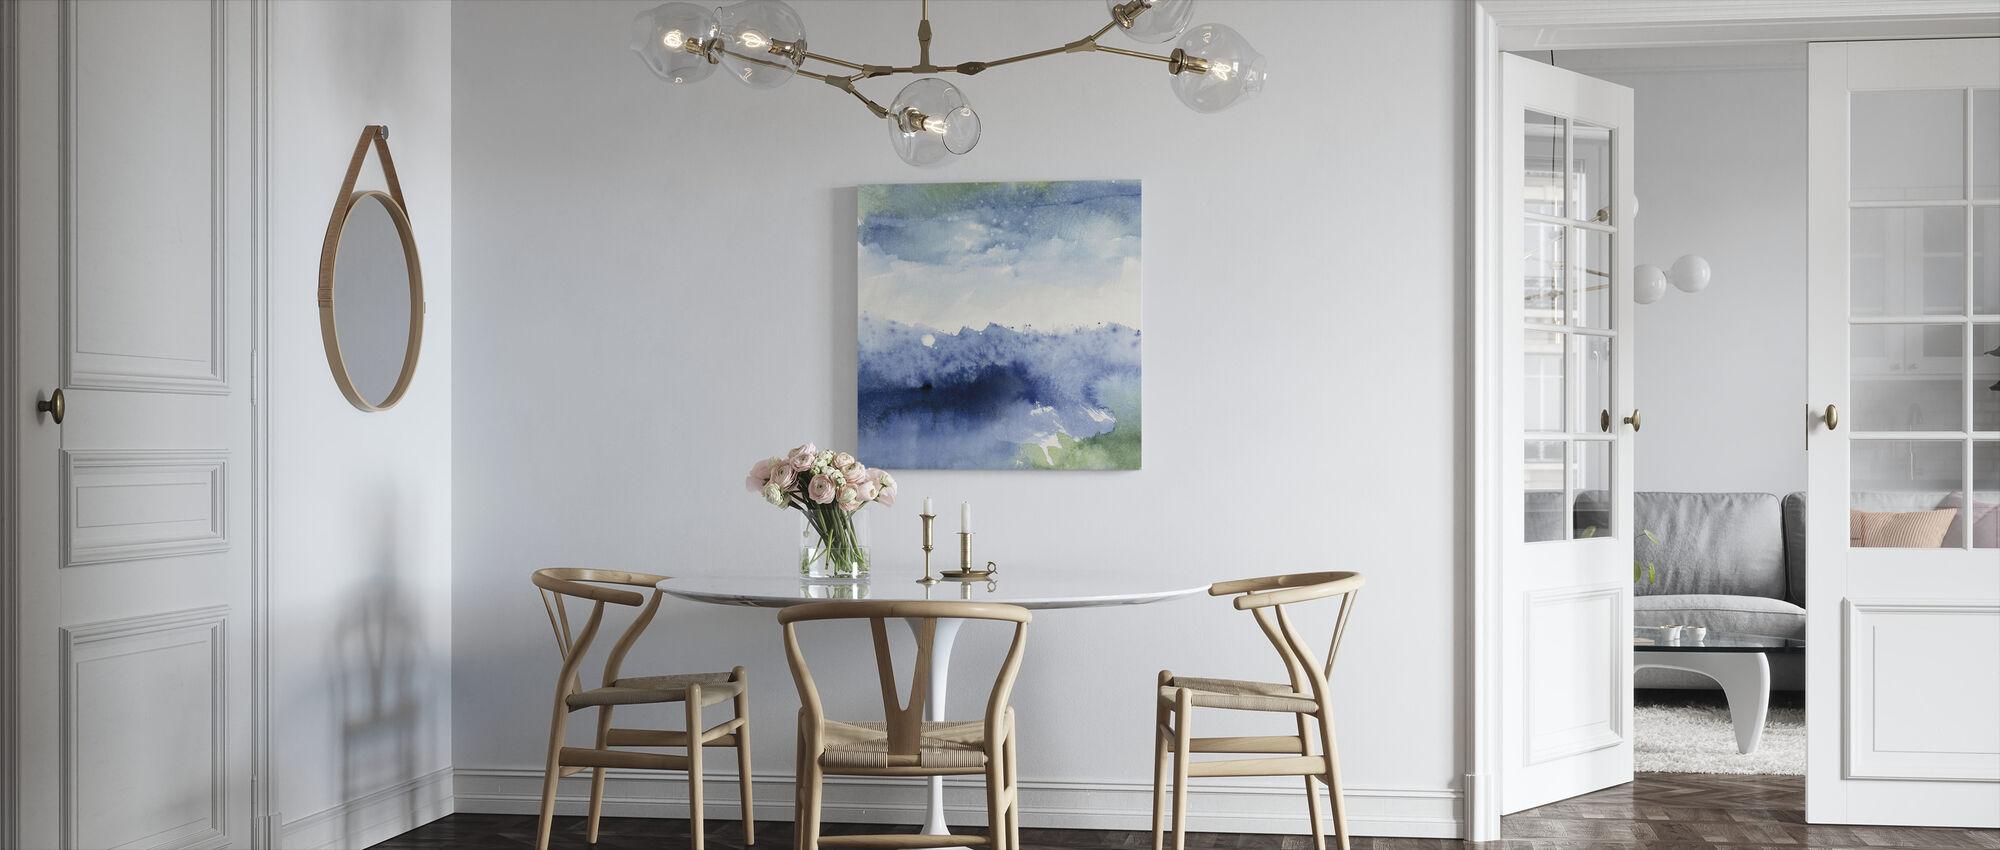 Middernacht aan het meer - Canvas print - Keuken